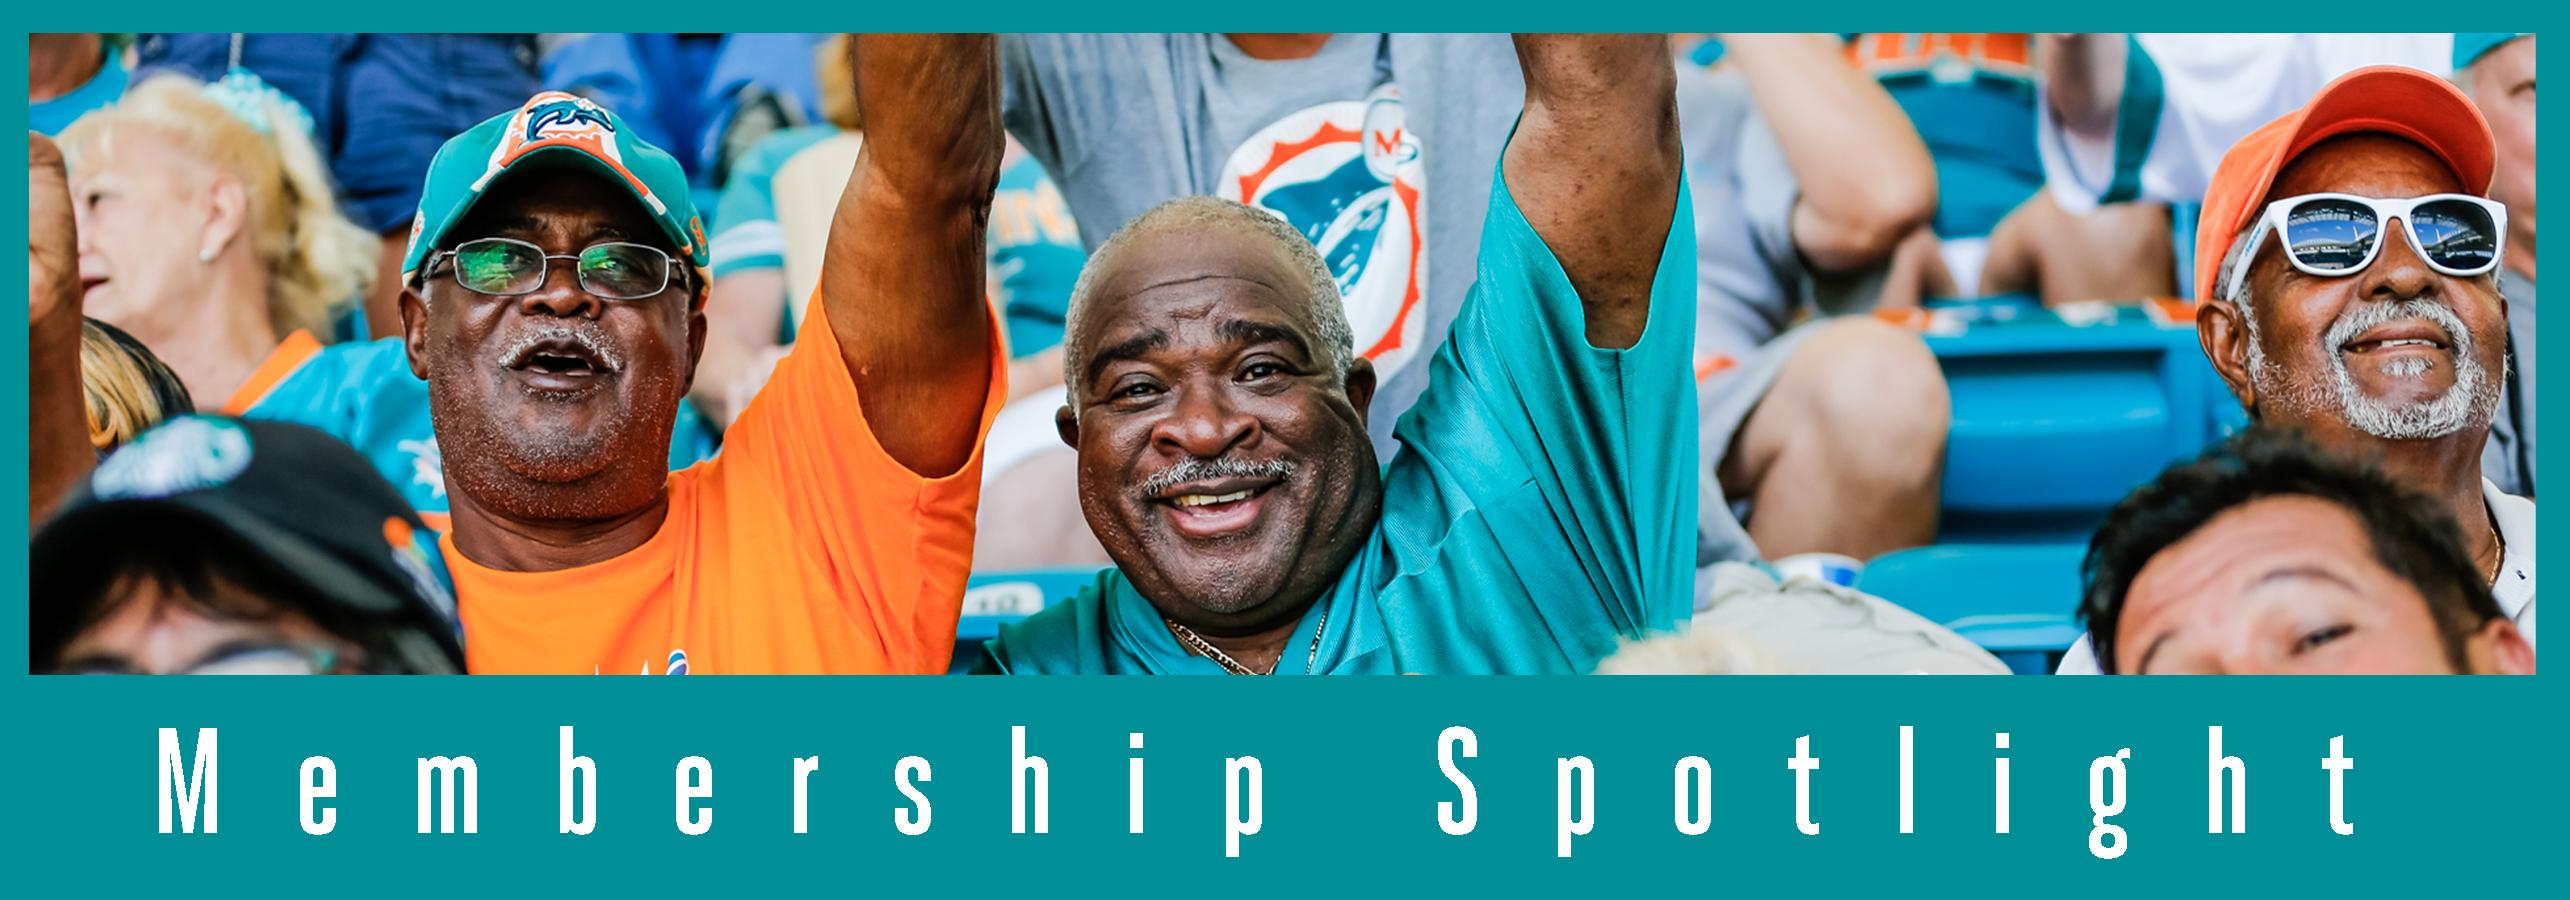 membershipspotlight_header